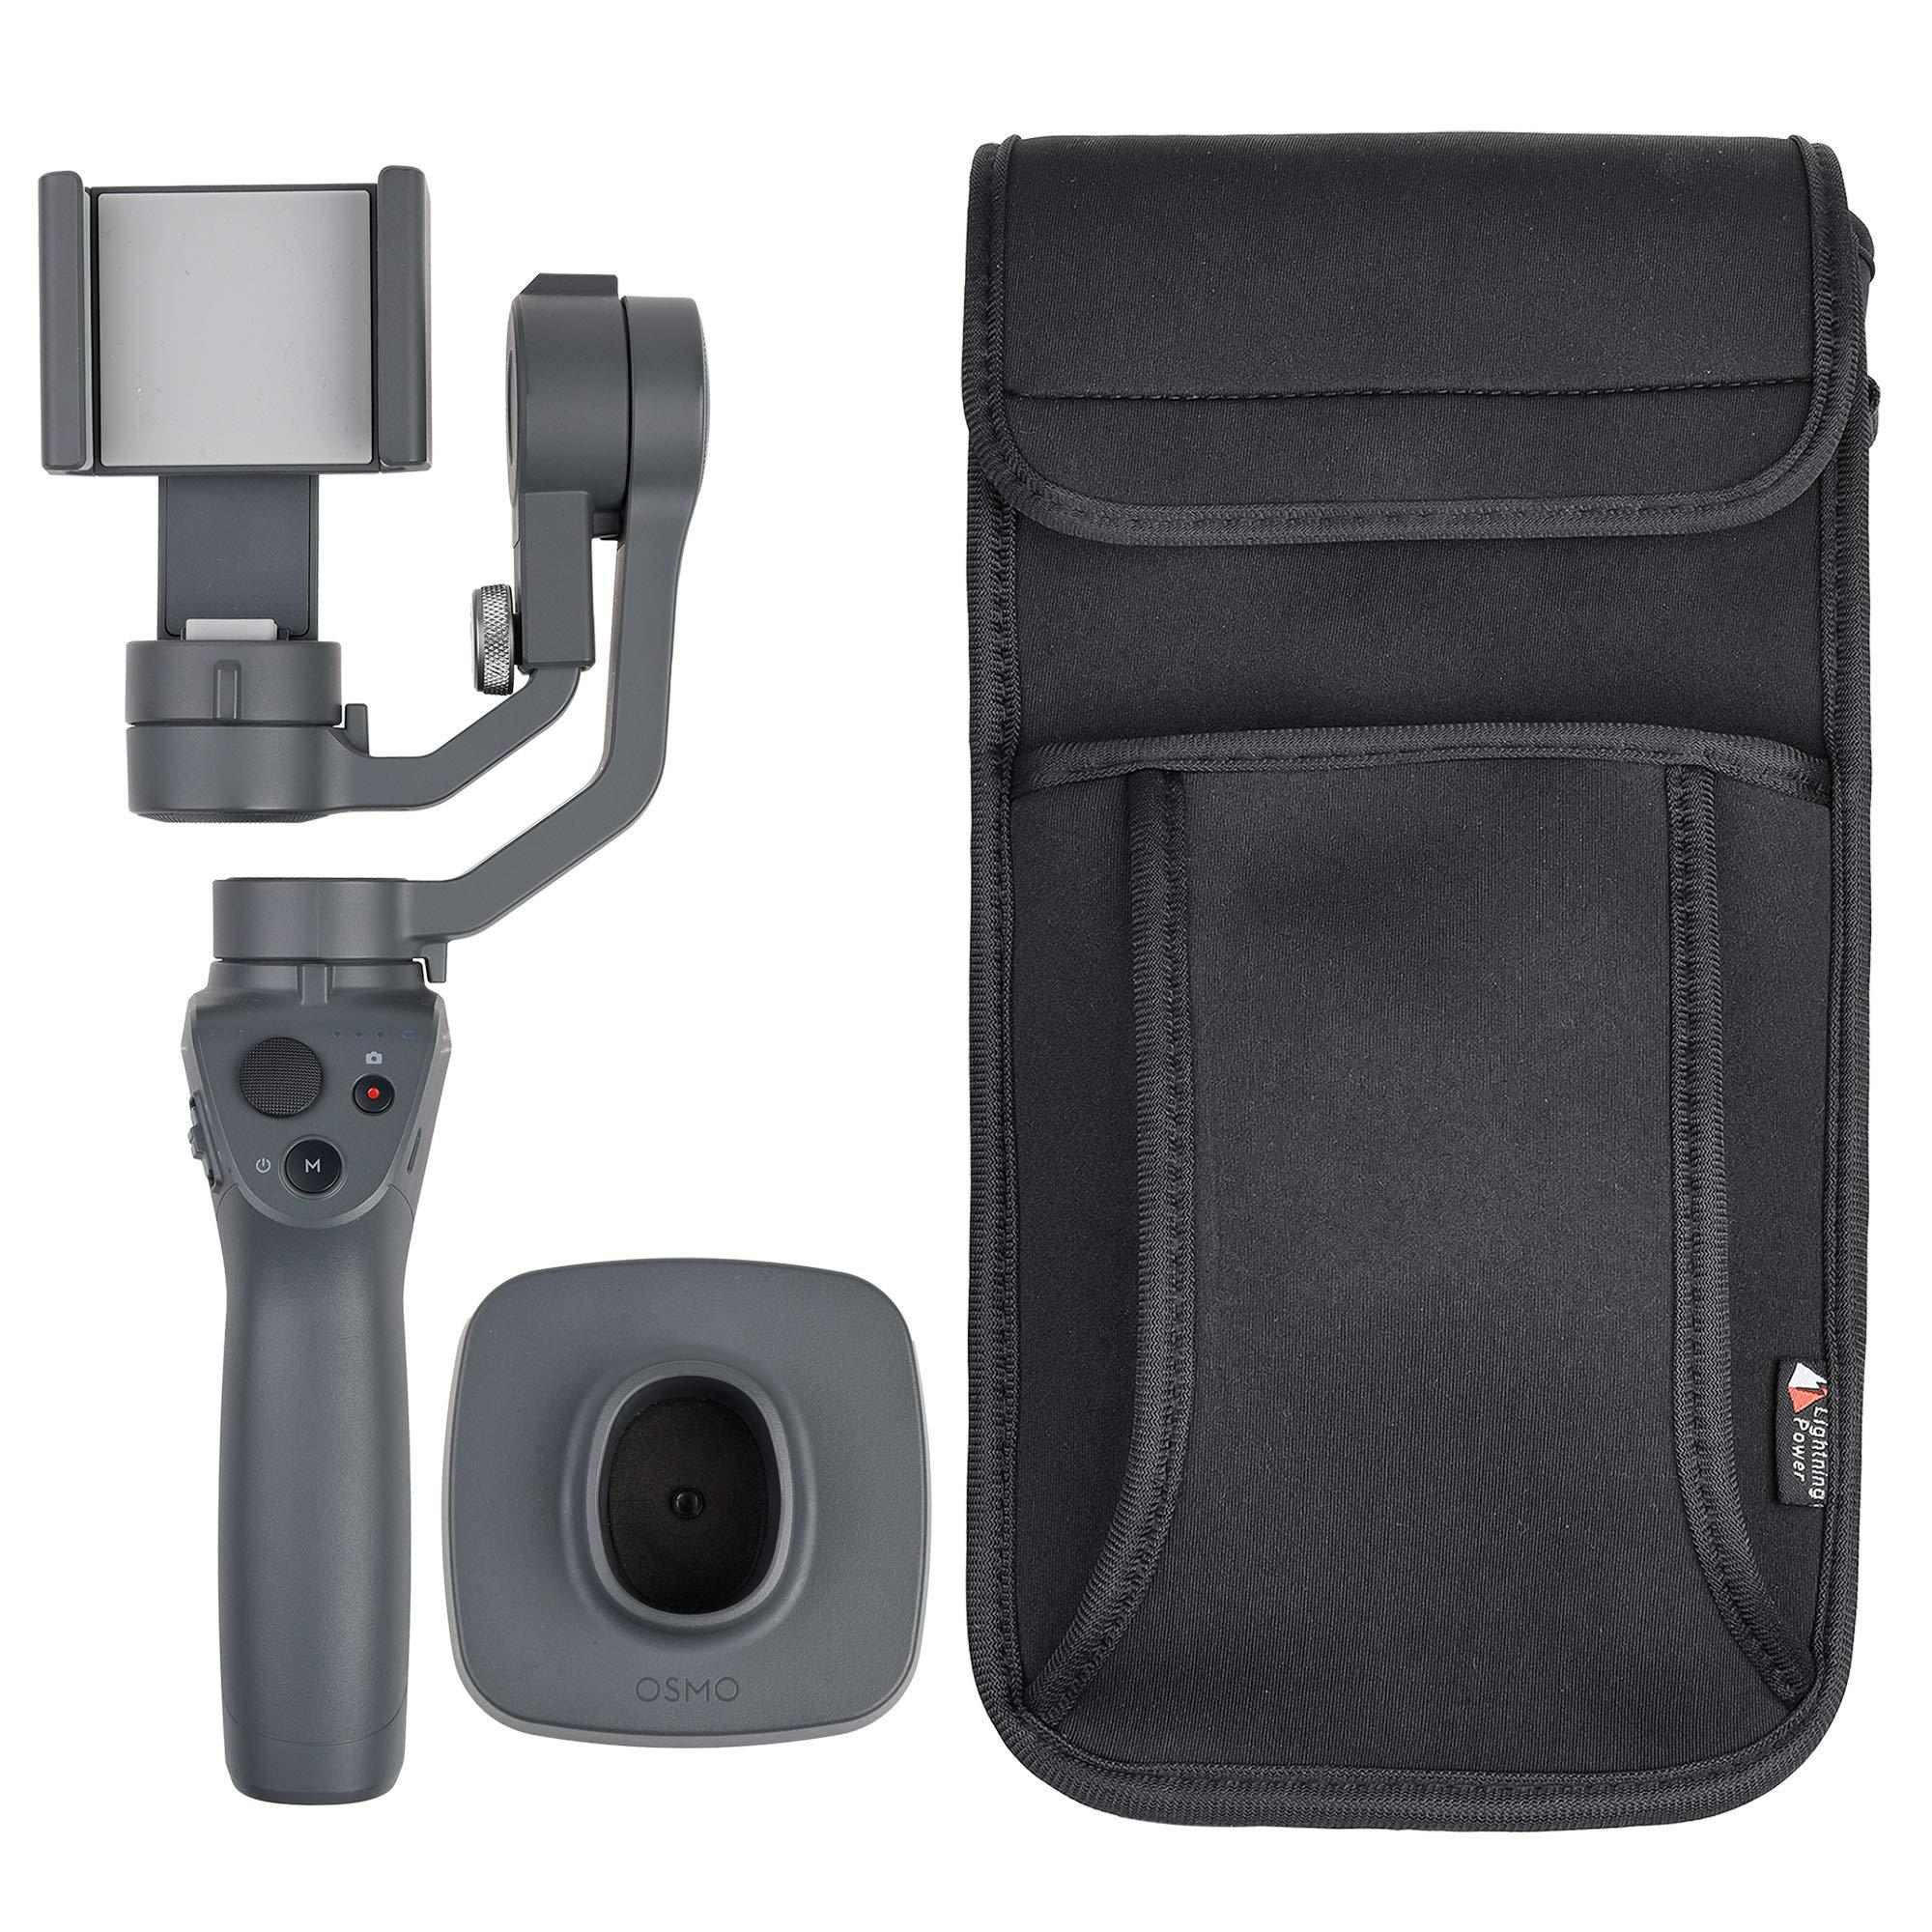 汎用スマートフォン、ハンドヘルド安定剤銃はDJI浸透圧モバイル2のGoProカルマグリップZhiyun 4 *滑らかラック